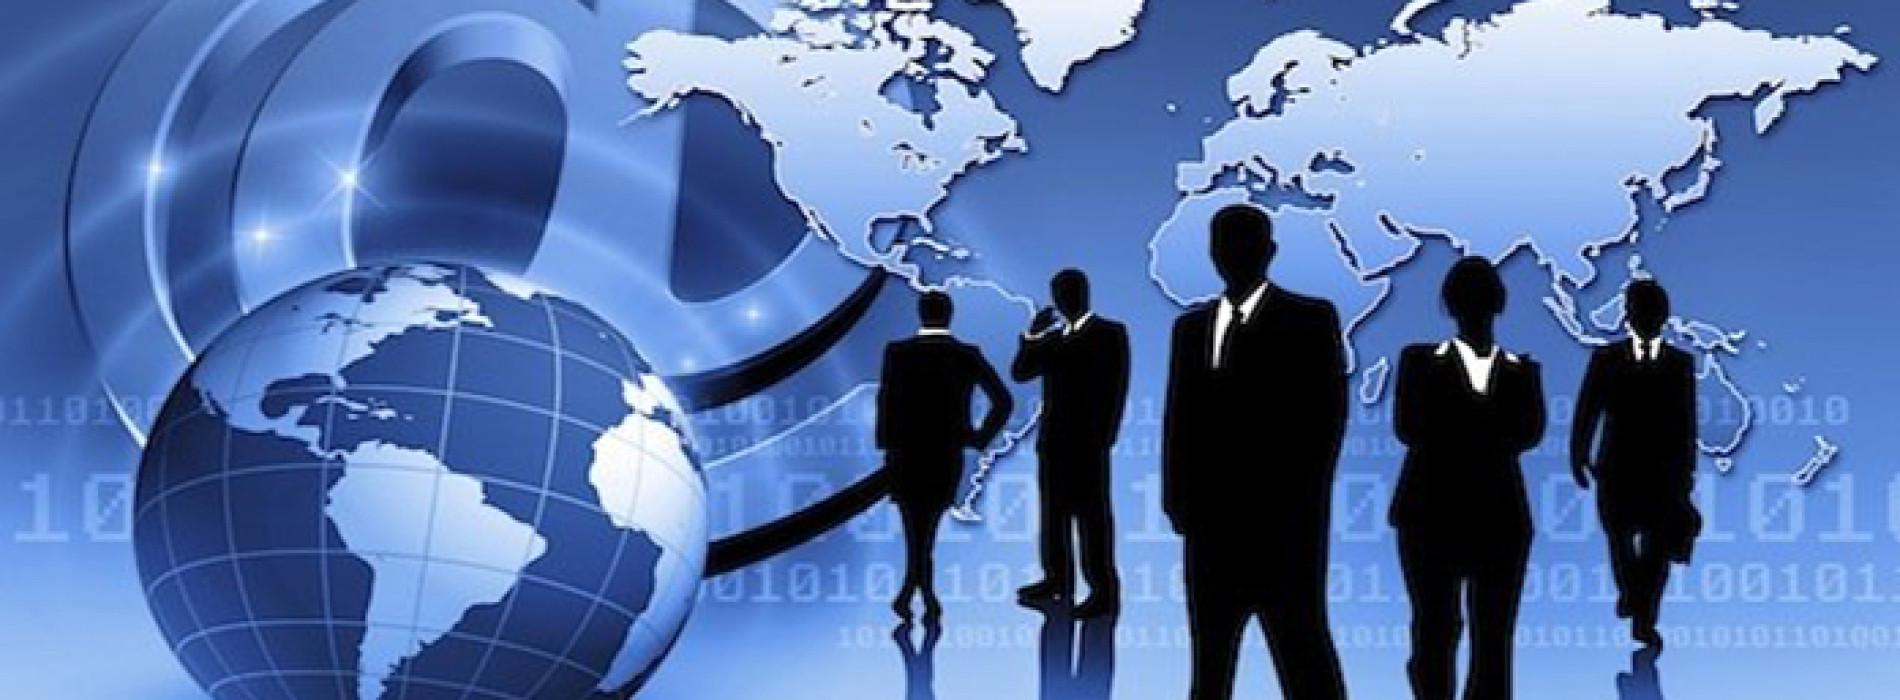 Aukcja internetowa jako etap procedury przetargowej